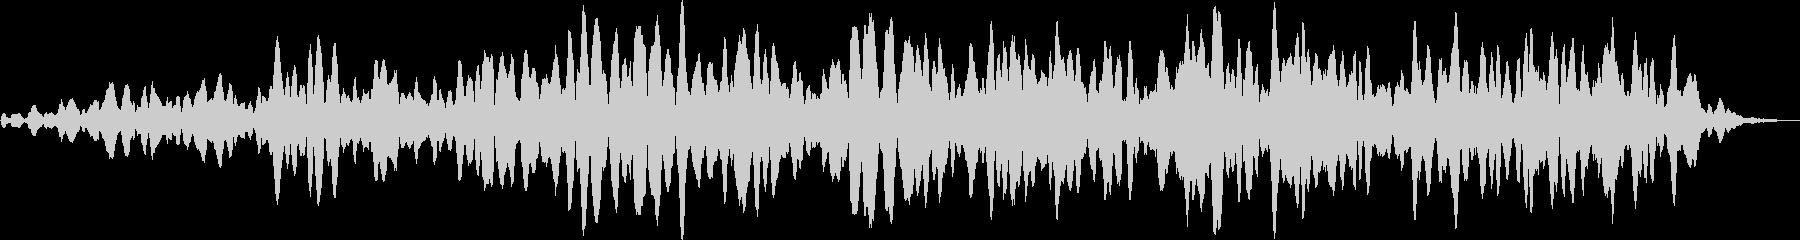 ヒューッ (オーラを溜める音)の未再生の波形